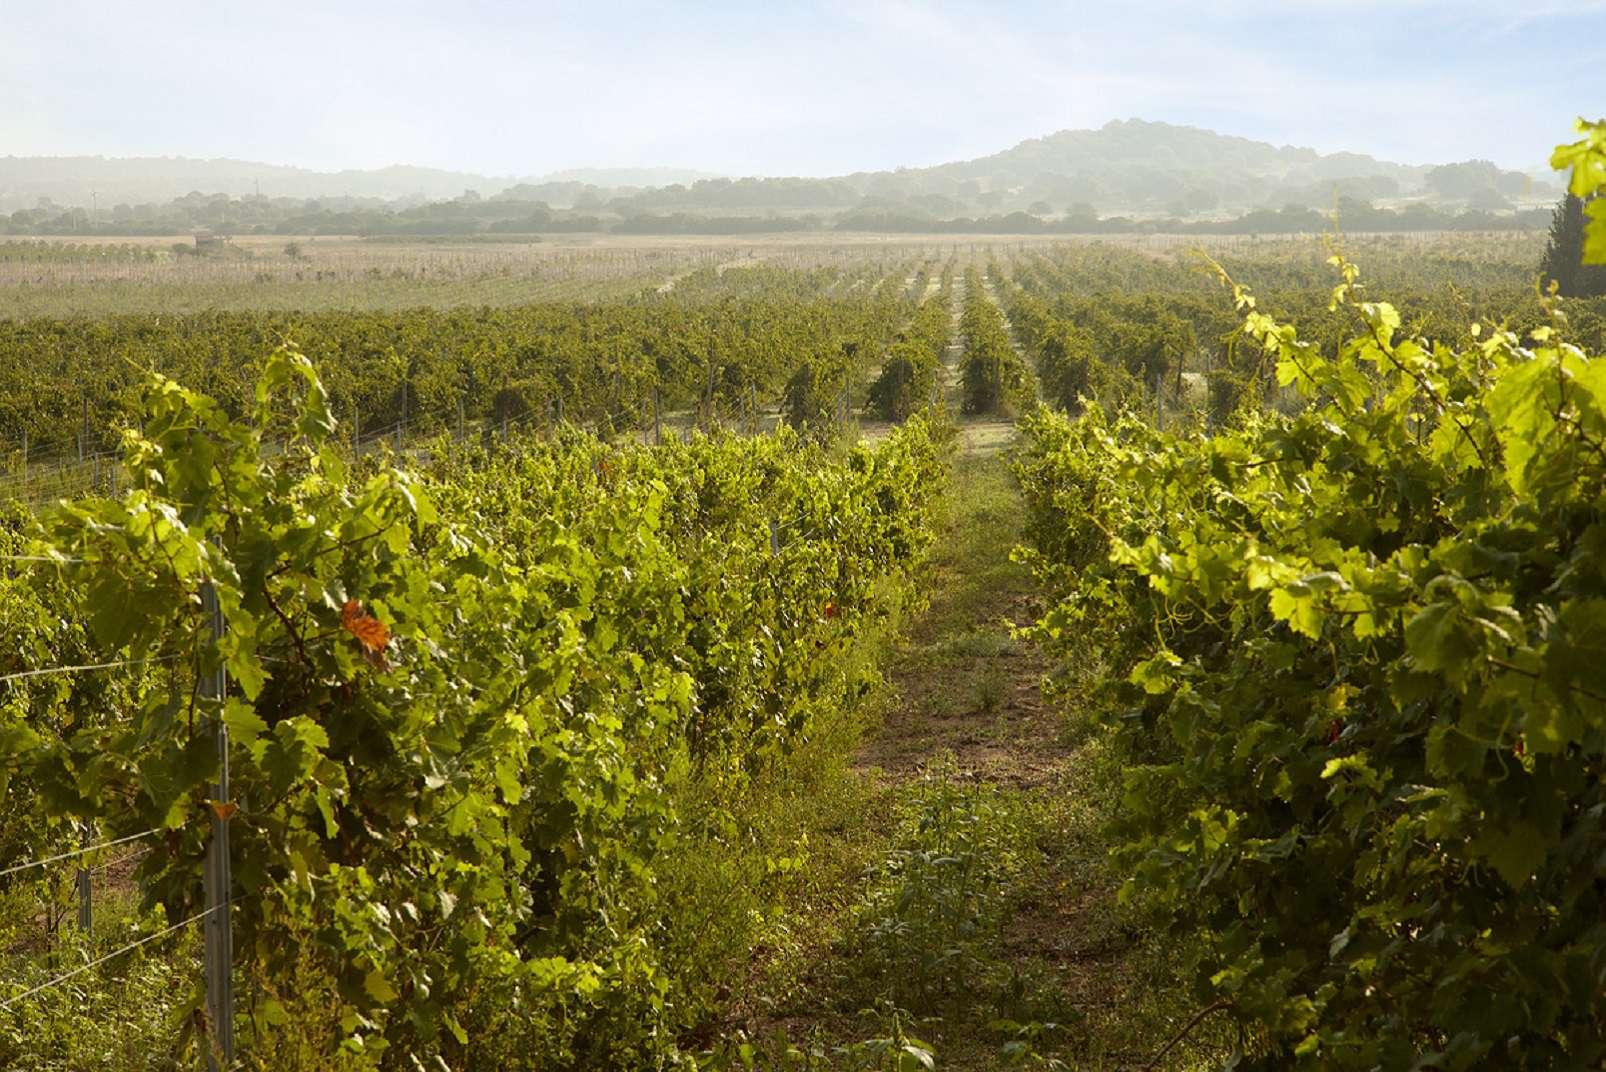 Vineyard, Vermentino di Gallura, photo © Michele Secchi